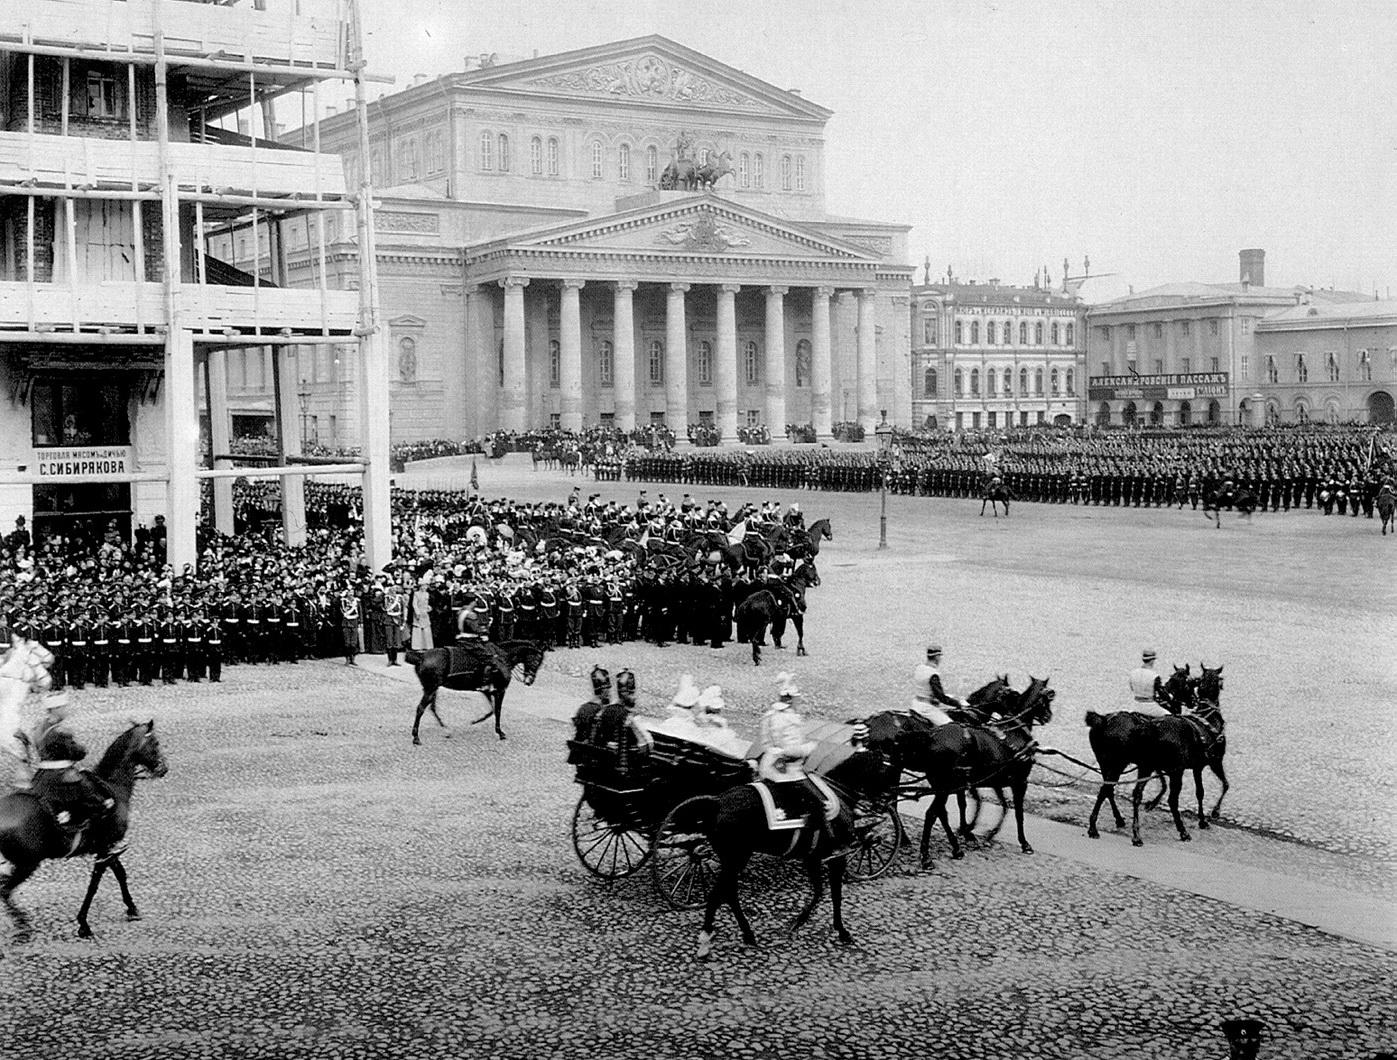 Царский экипаж на Театральной площади во время парада войск. Апрель 1910